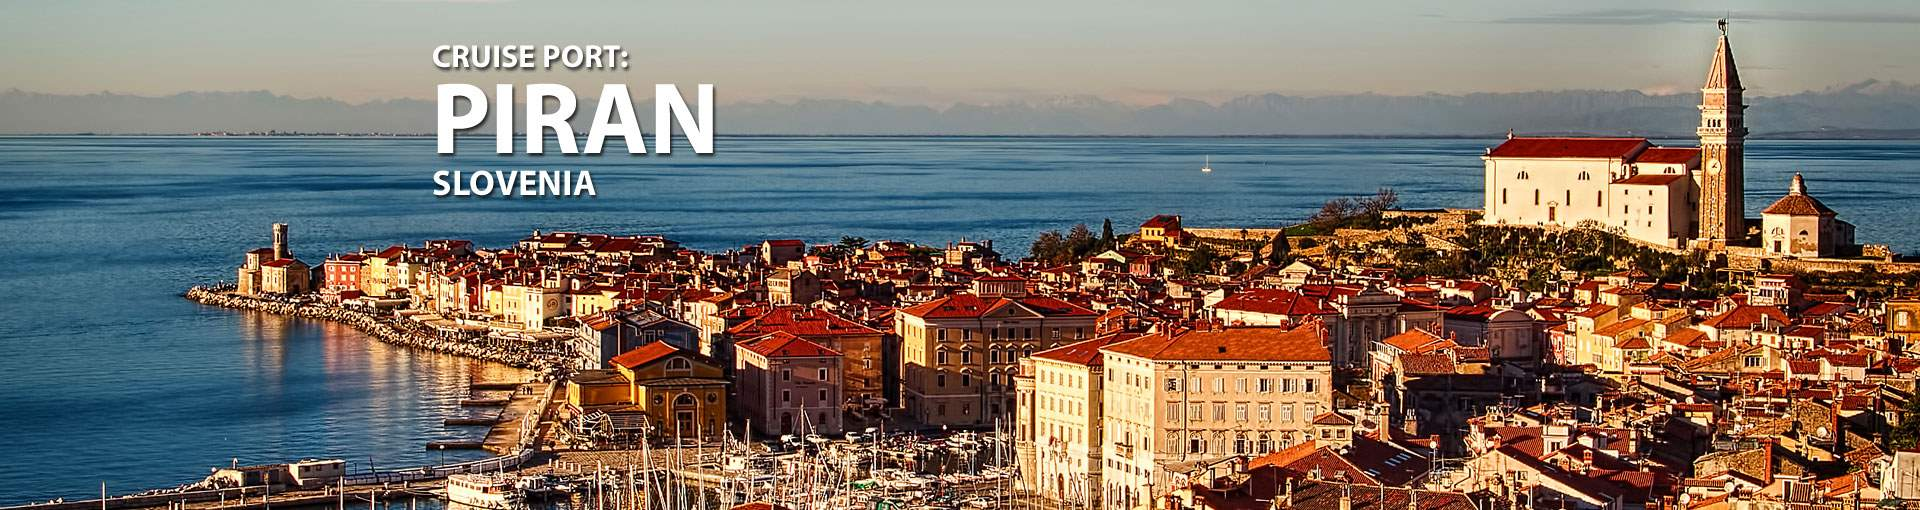 Cruises to Piran, Slovenia